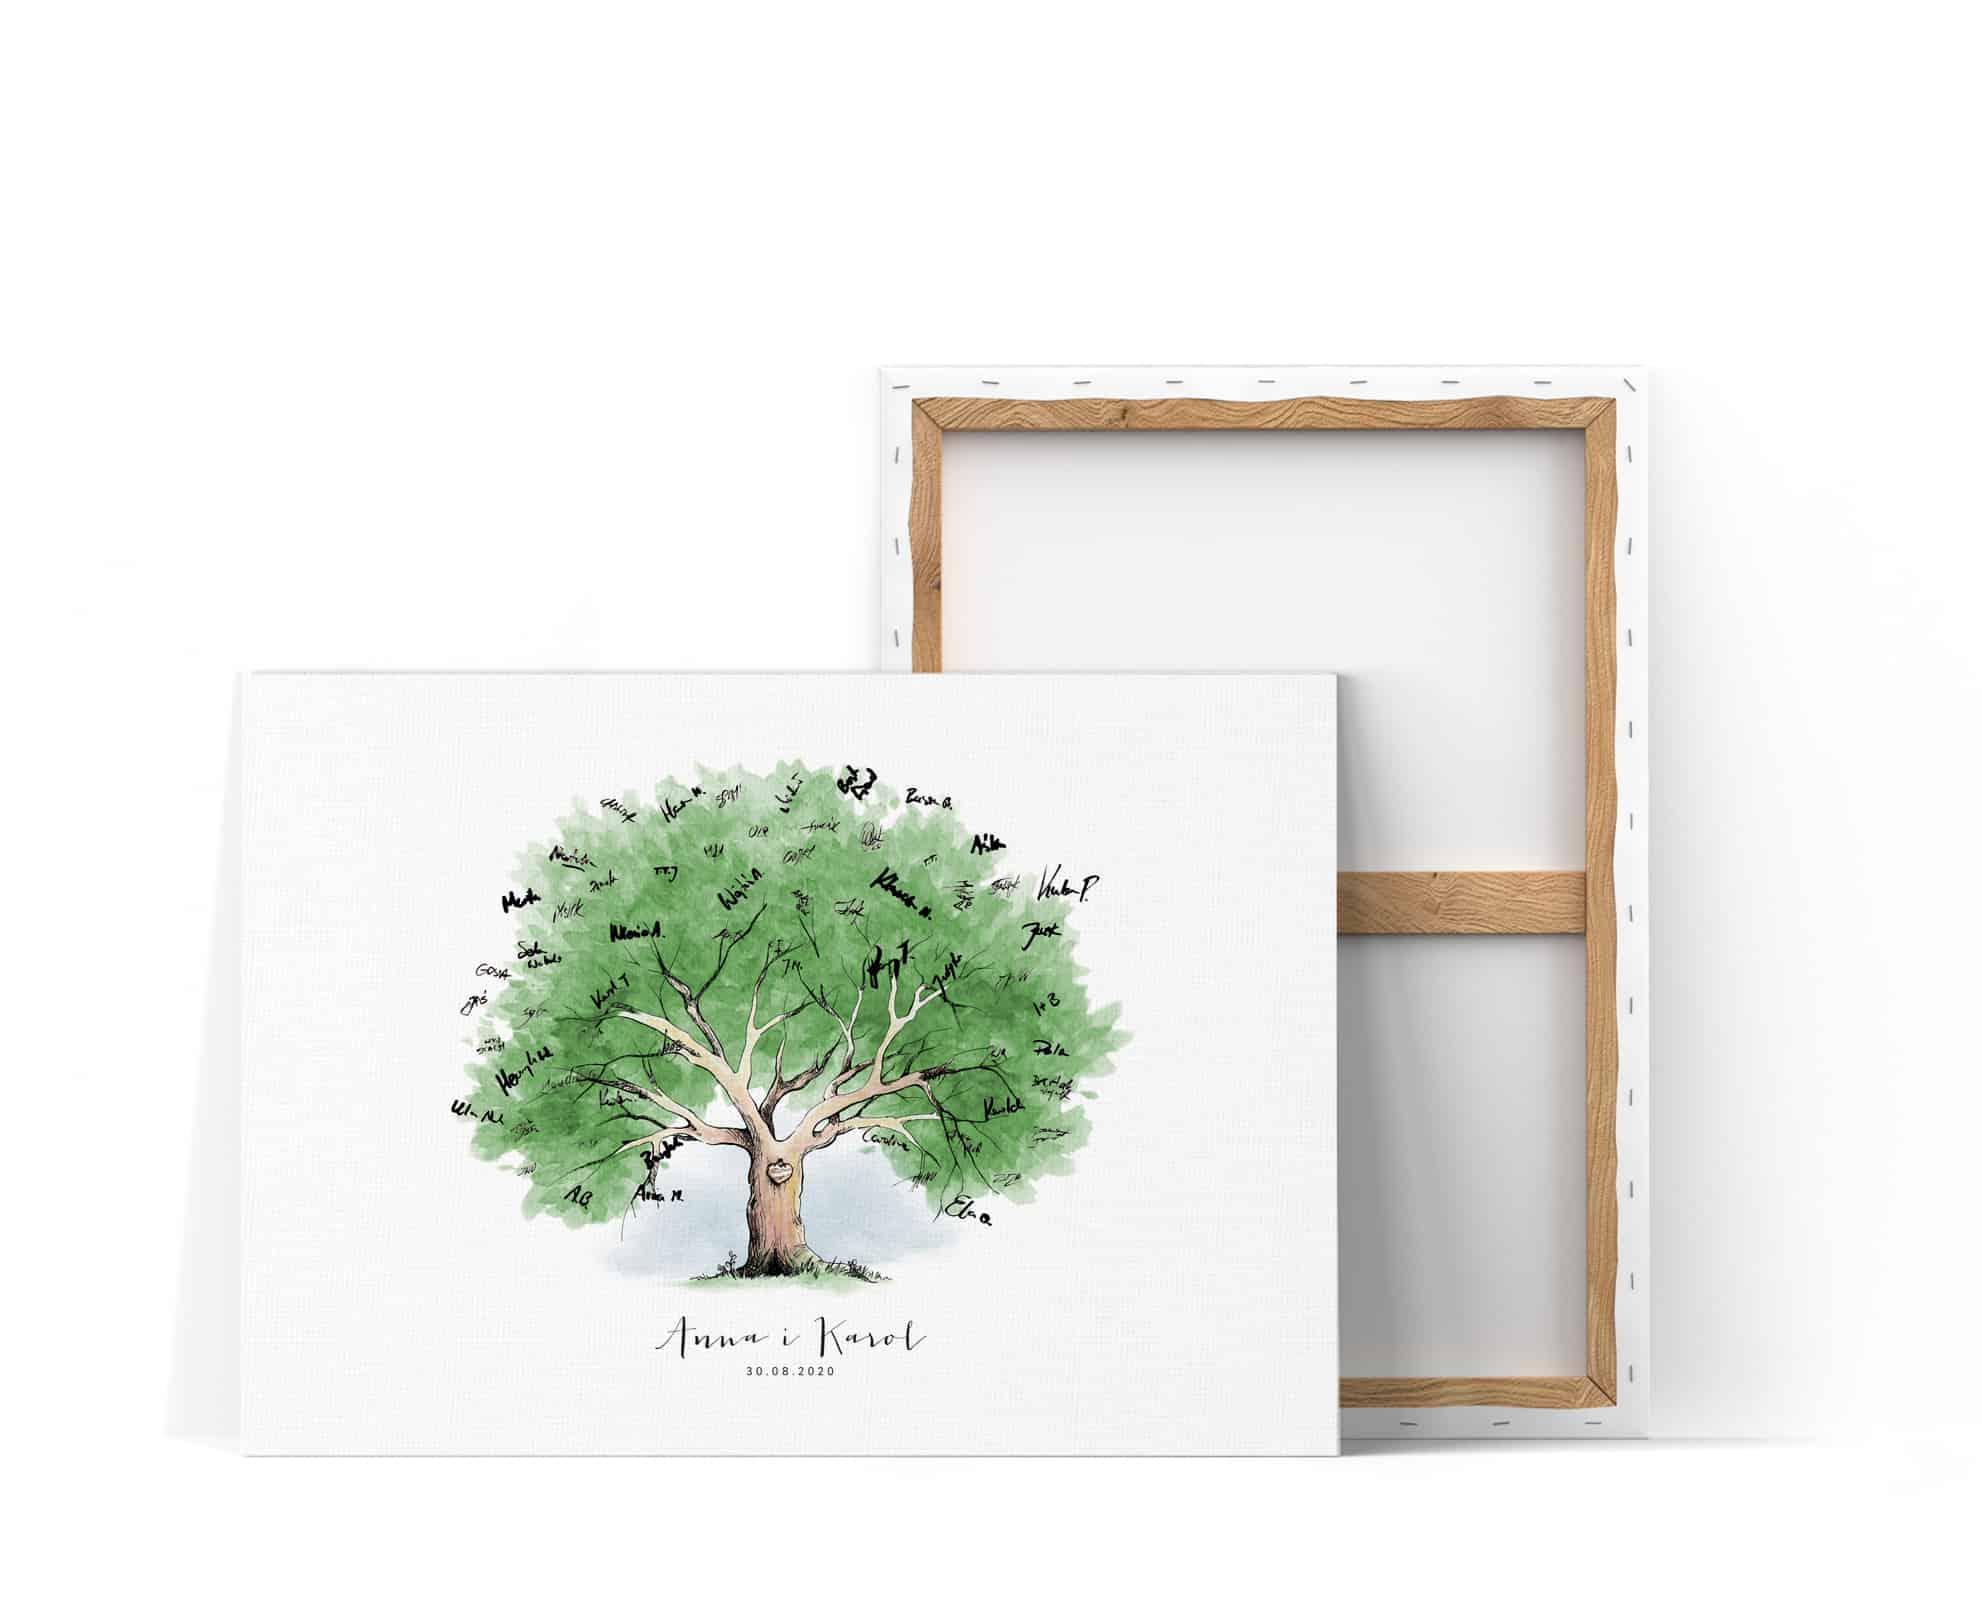 Drzewko na podpisy gości weselnych, z zielonymi liściami